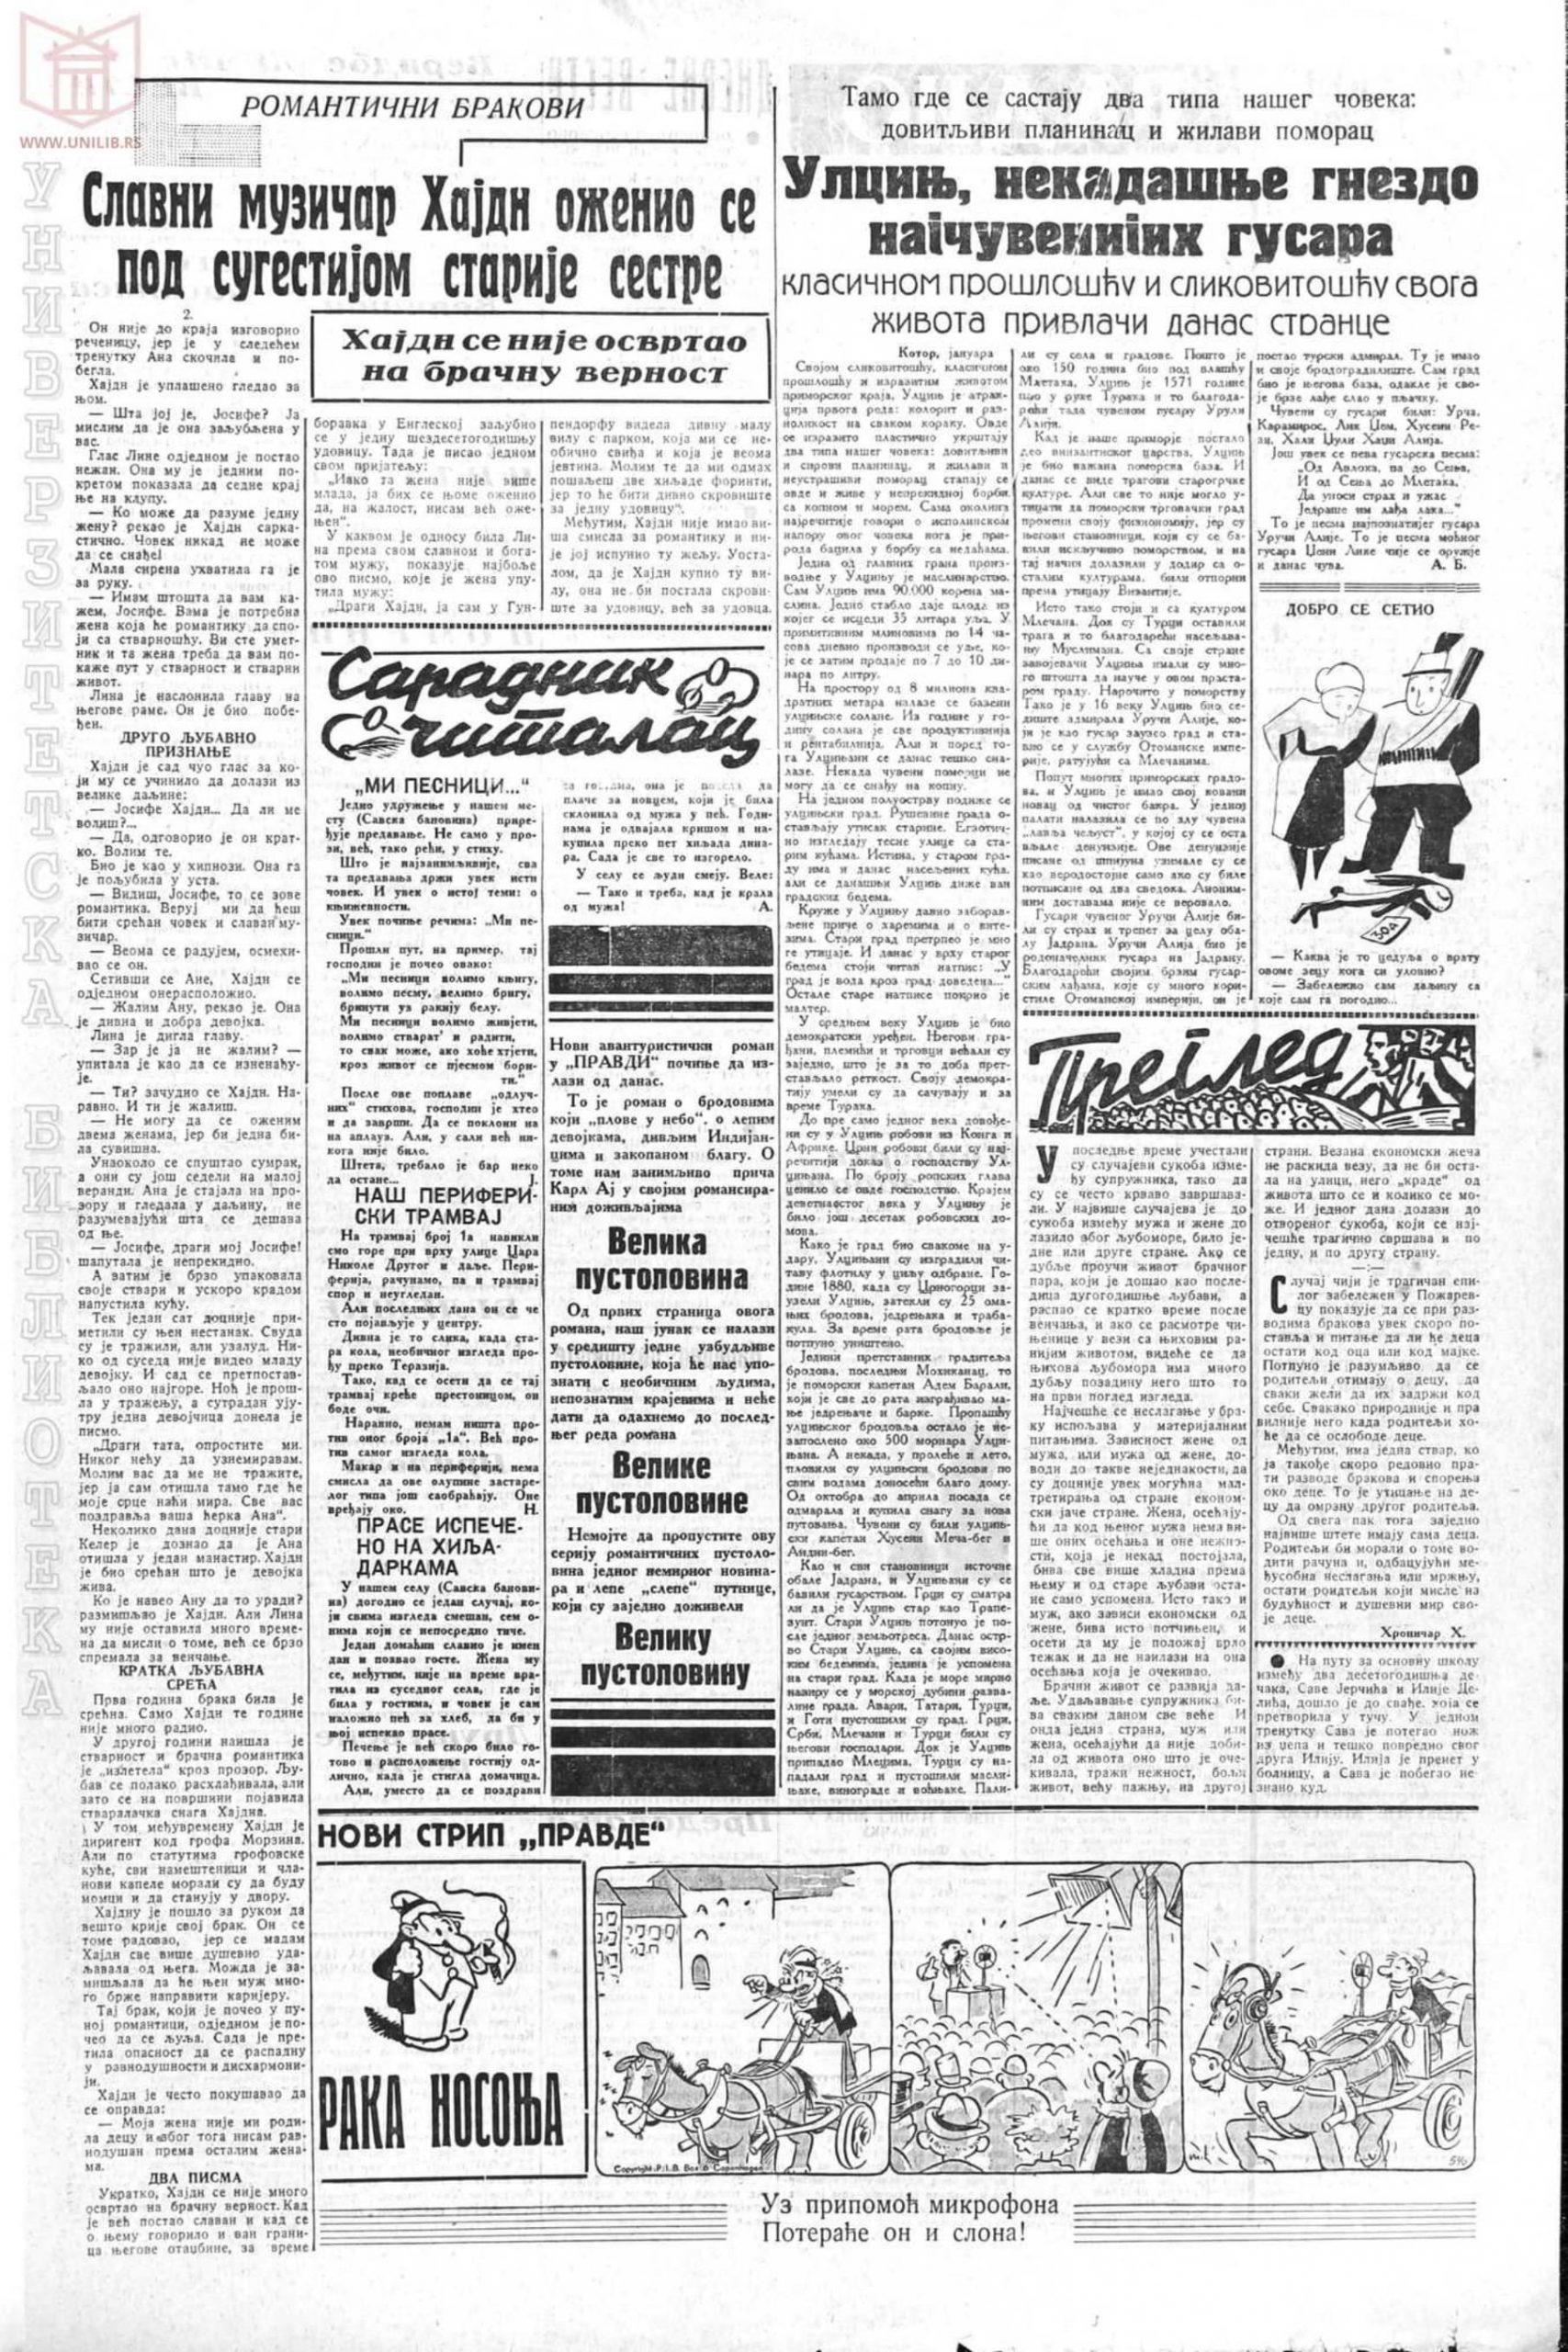 Pravda 23.01.1939 p13-1